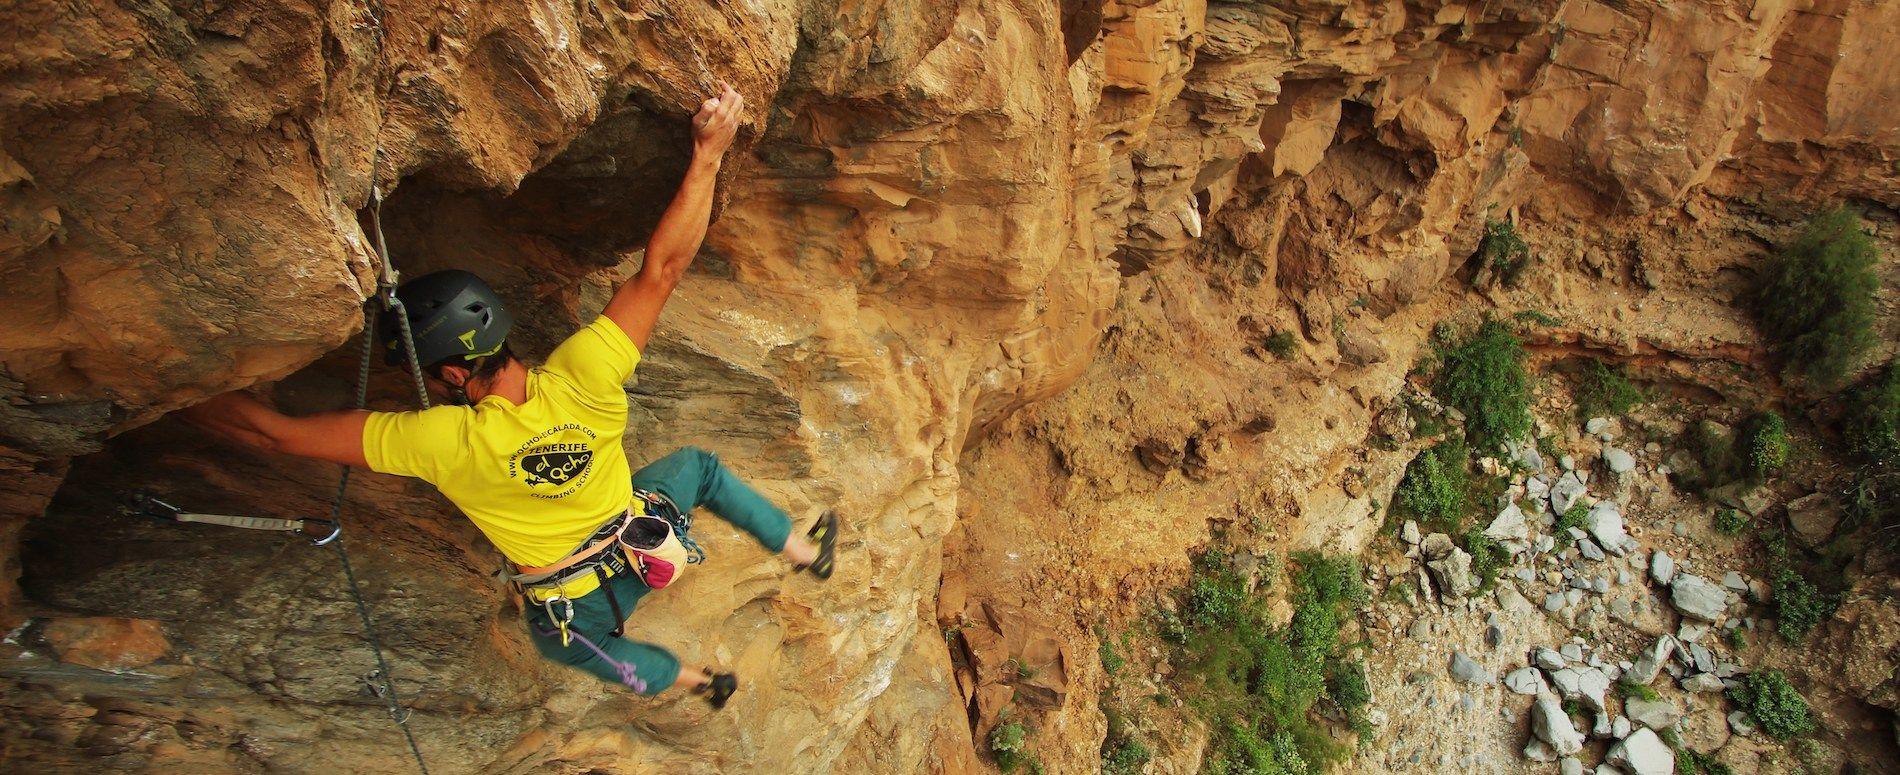 grimpeur face à un dévers